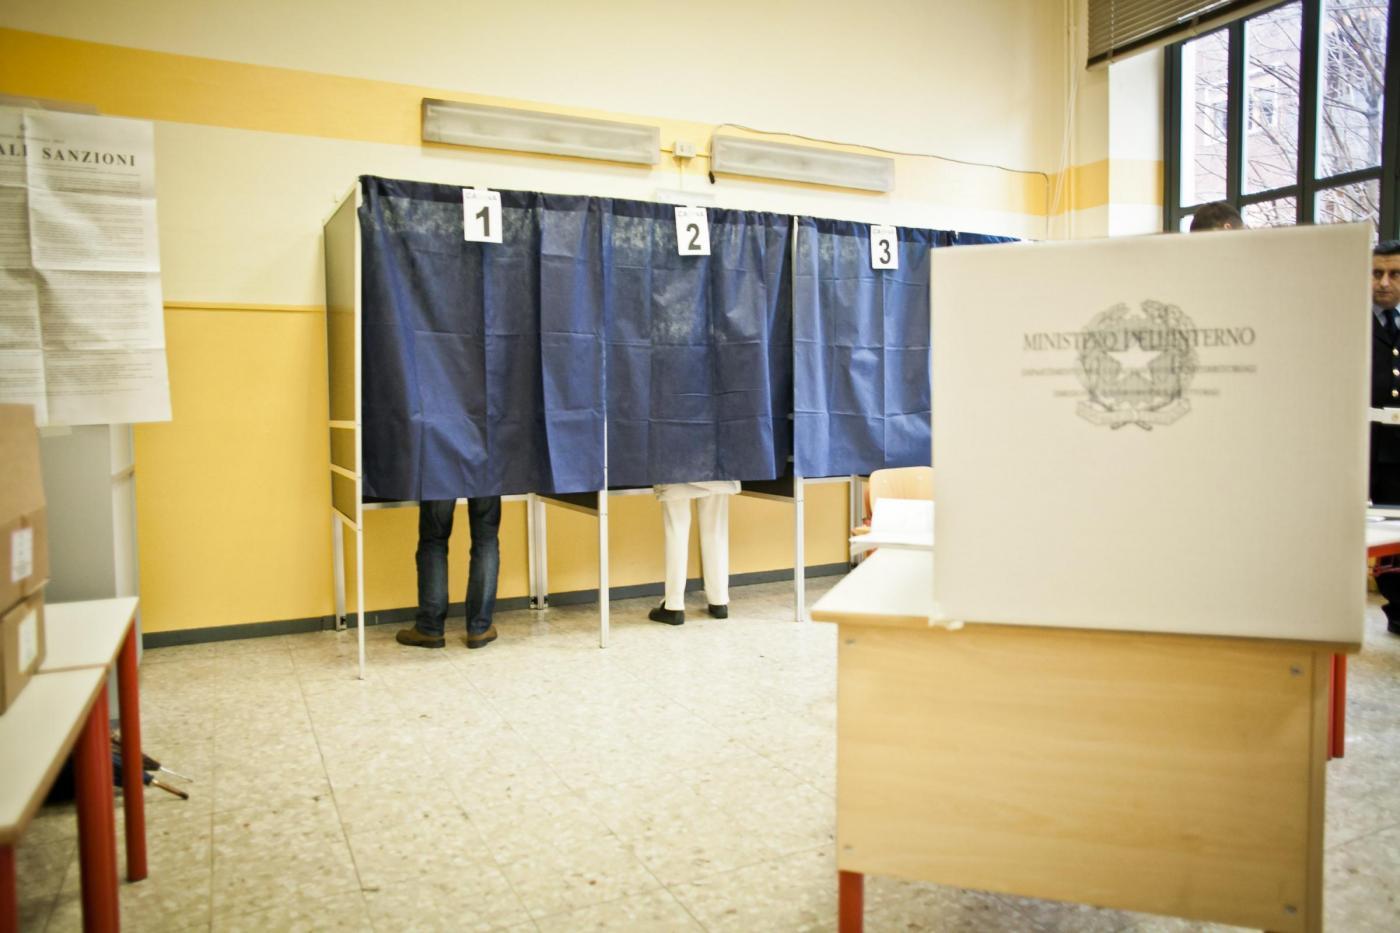 Elezioni Comunali Milano: i sondaggi rivelano una vittoria inaspettata